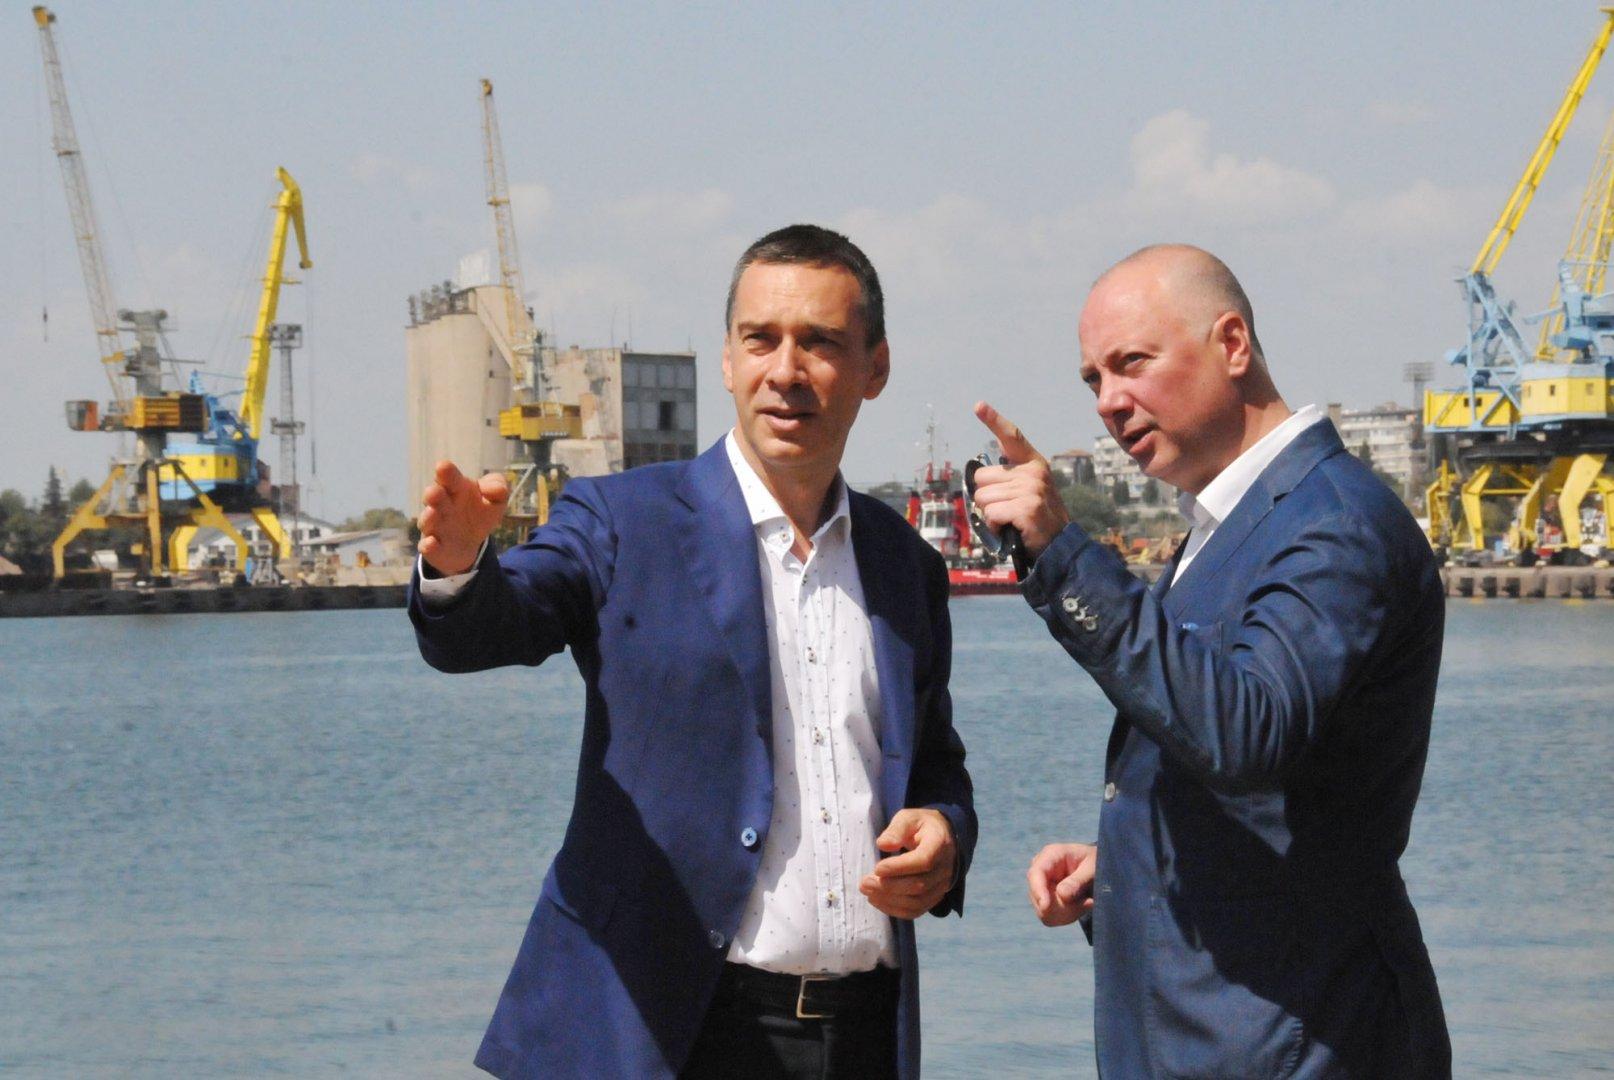 Кметът на Бургас Димитър Николов (вляво) поиска съдействие от министър Желязков. Снимки Лина Главинова